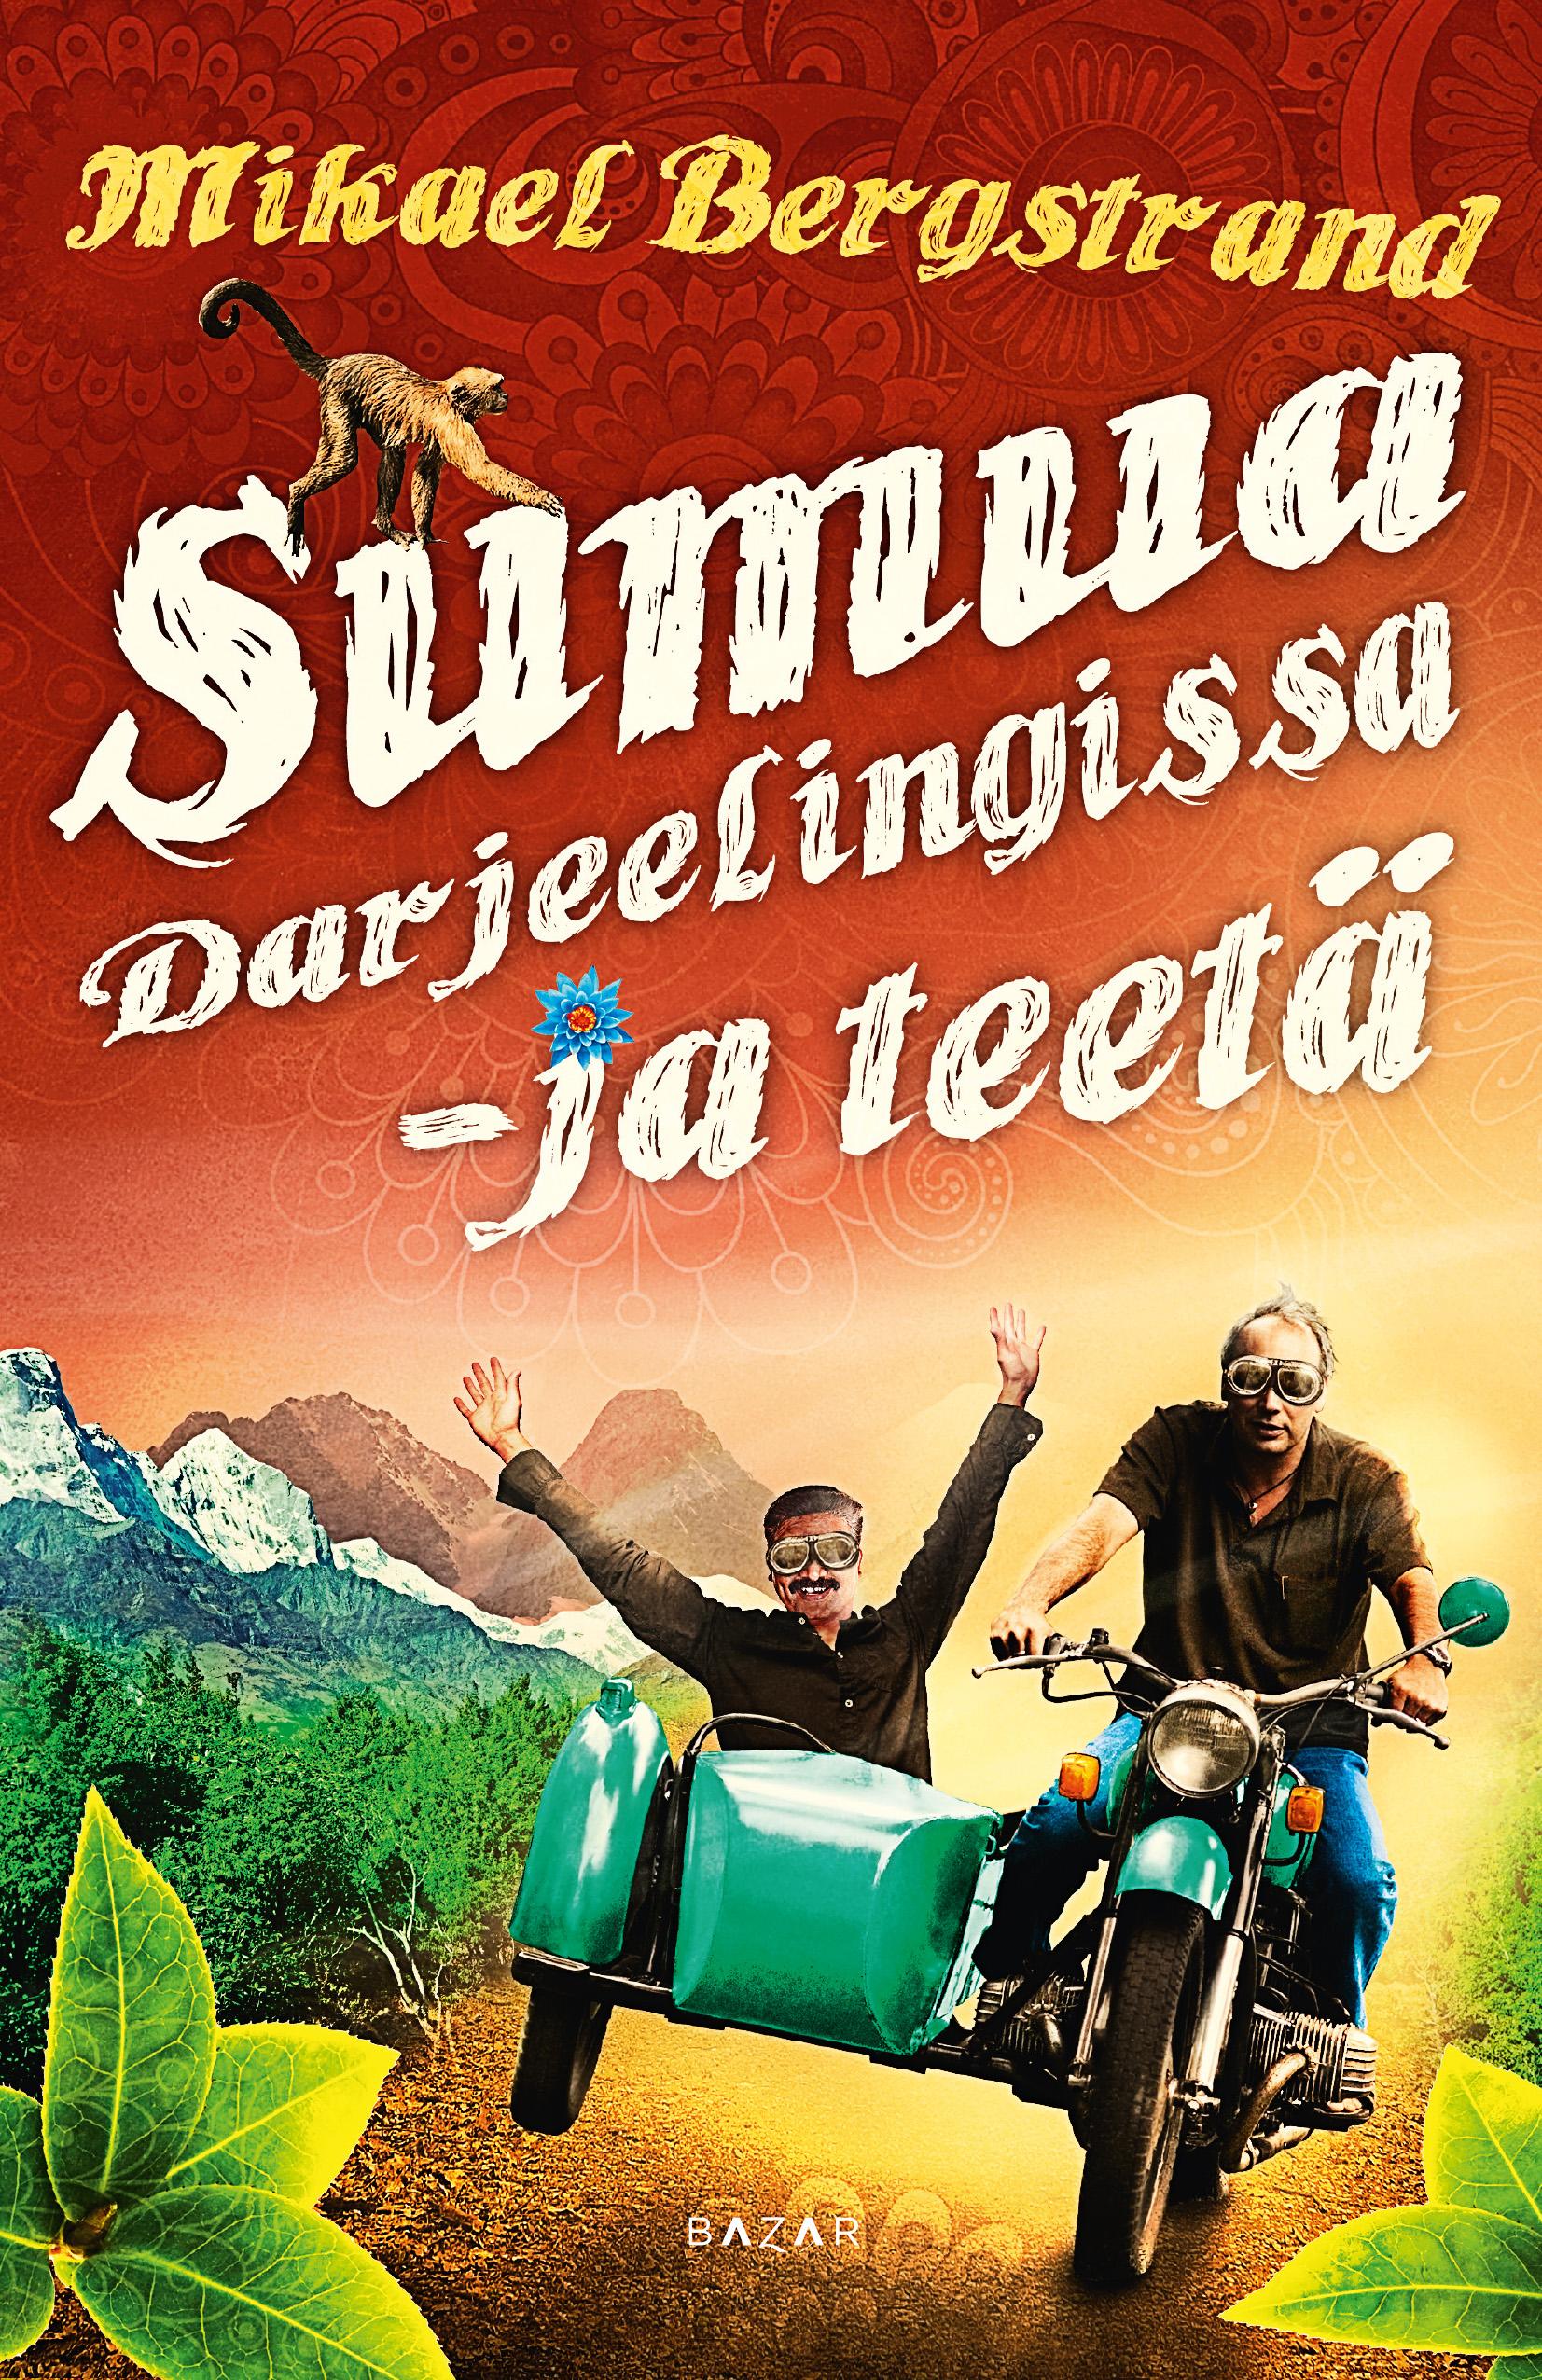 Sumua Darjeelingissa - ja teetä - Mikael Bergstrand - e-kirja | Elisa Kirja